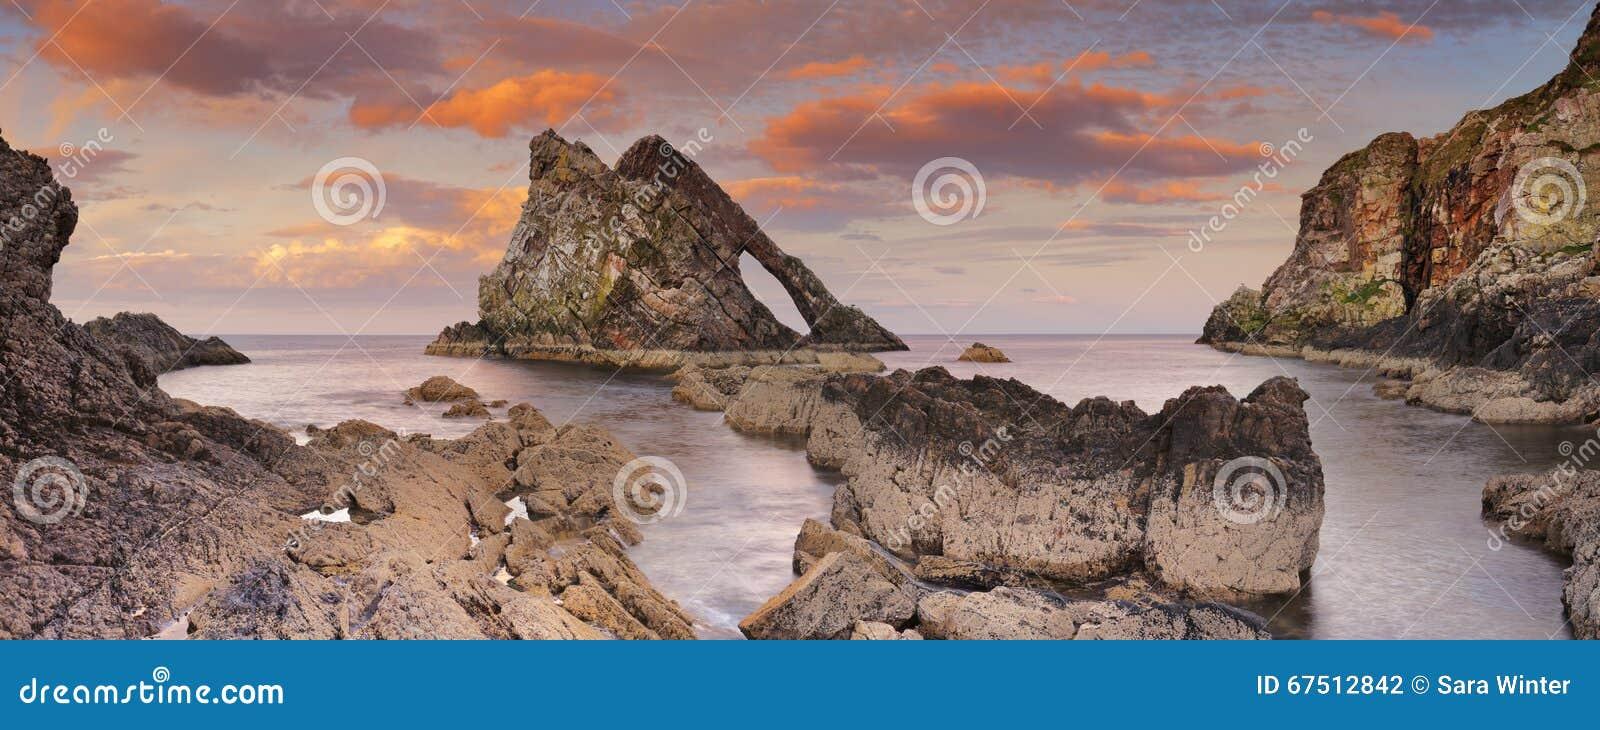 Βράχος βιολιών τόξων στην ακτή Moray, Σκωτία στο ηλιοβασίλεμα